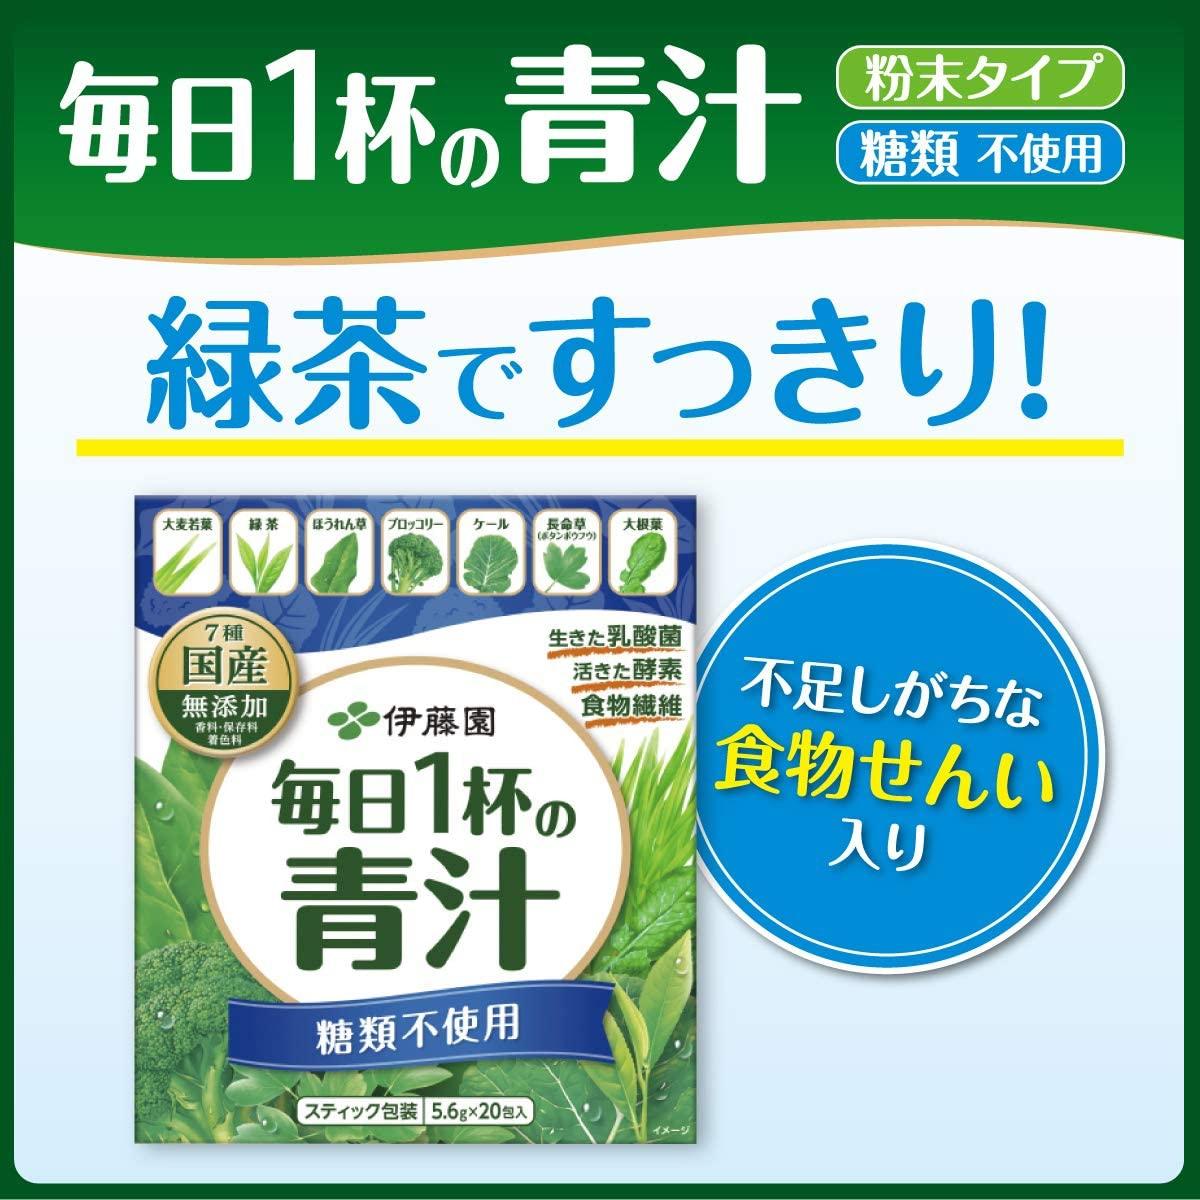 伊藤園(イトウエン) 毎日1杯の青汁 糖類不使用の商品画像10